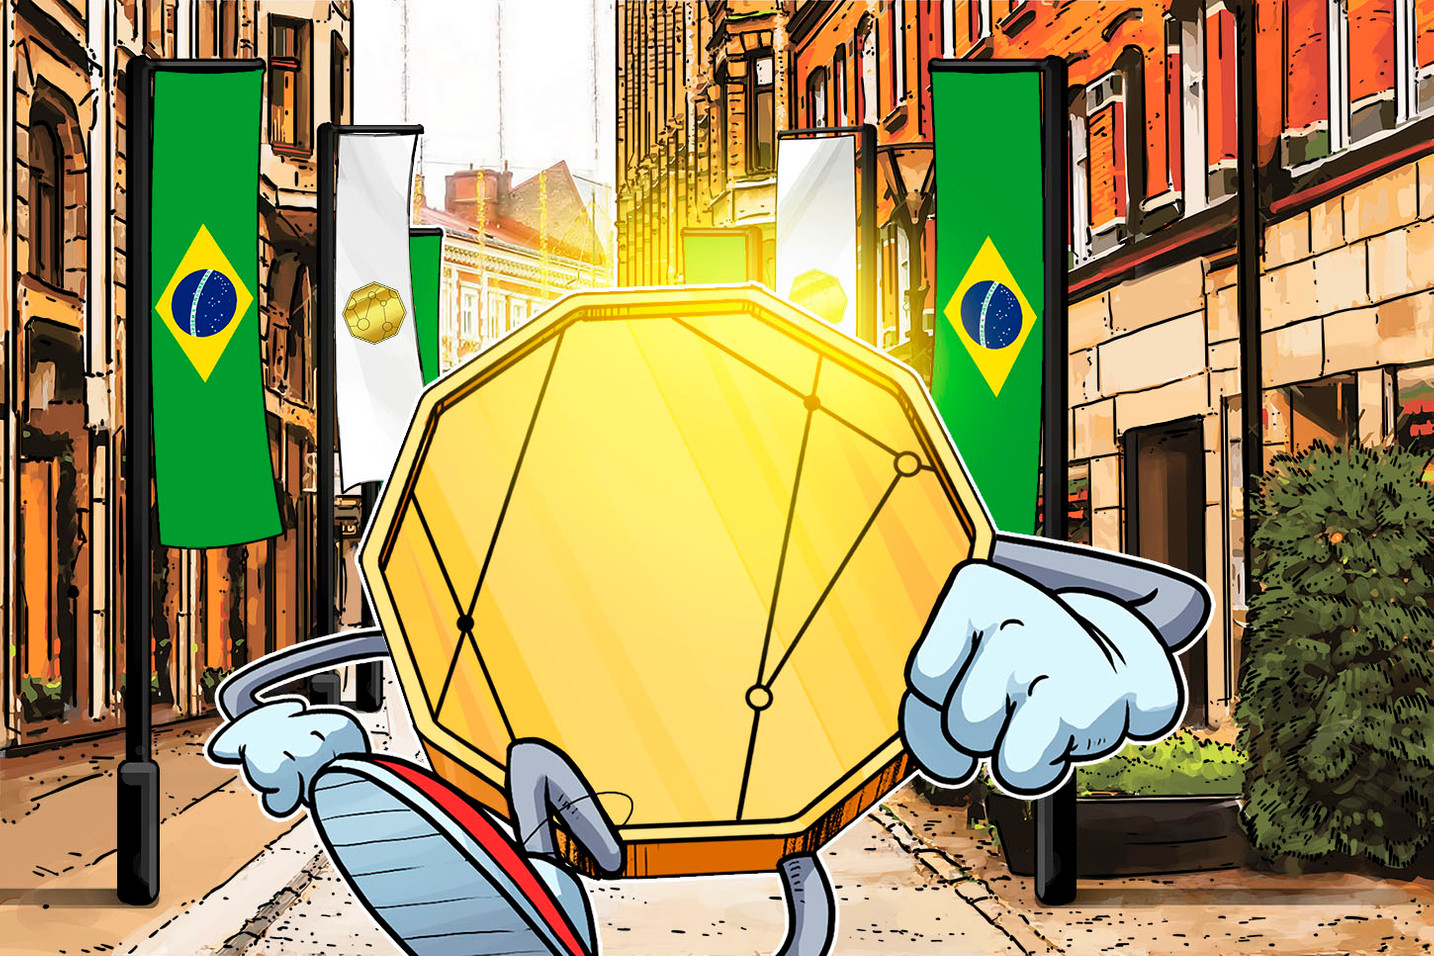 Rede de supermercados Shibata investe R$ 15 milhões na startup da criptomoeda brasileira WiBX